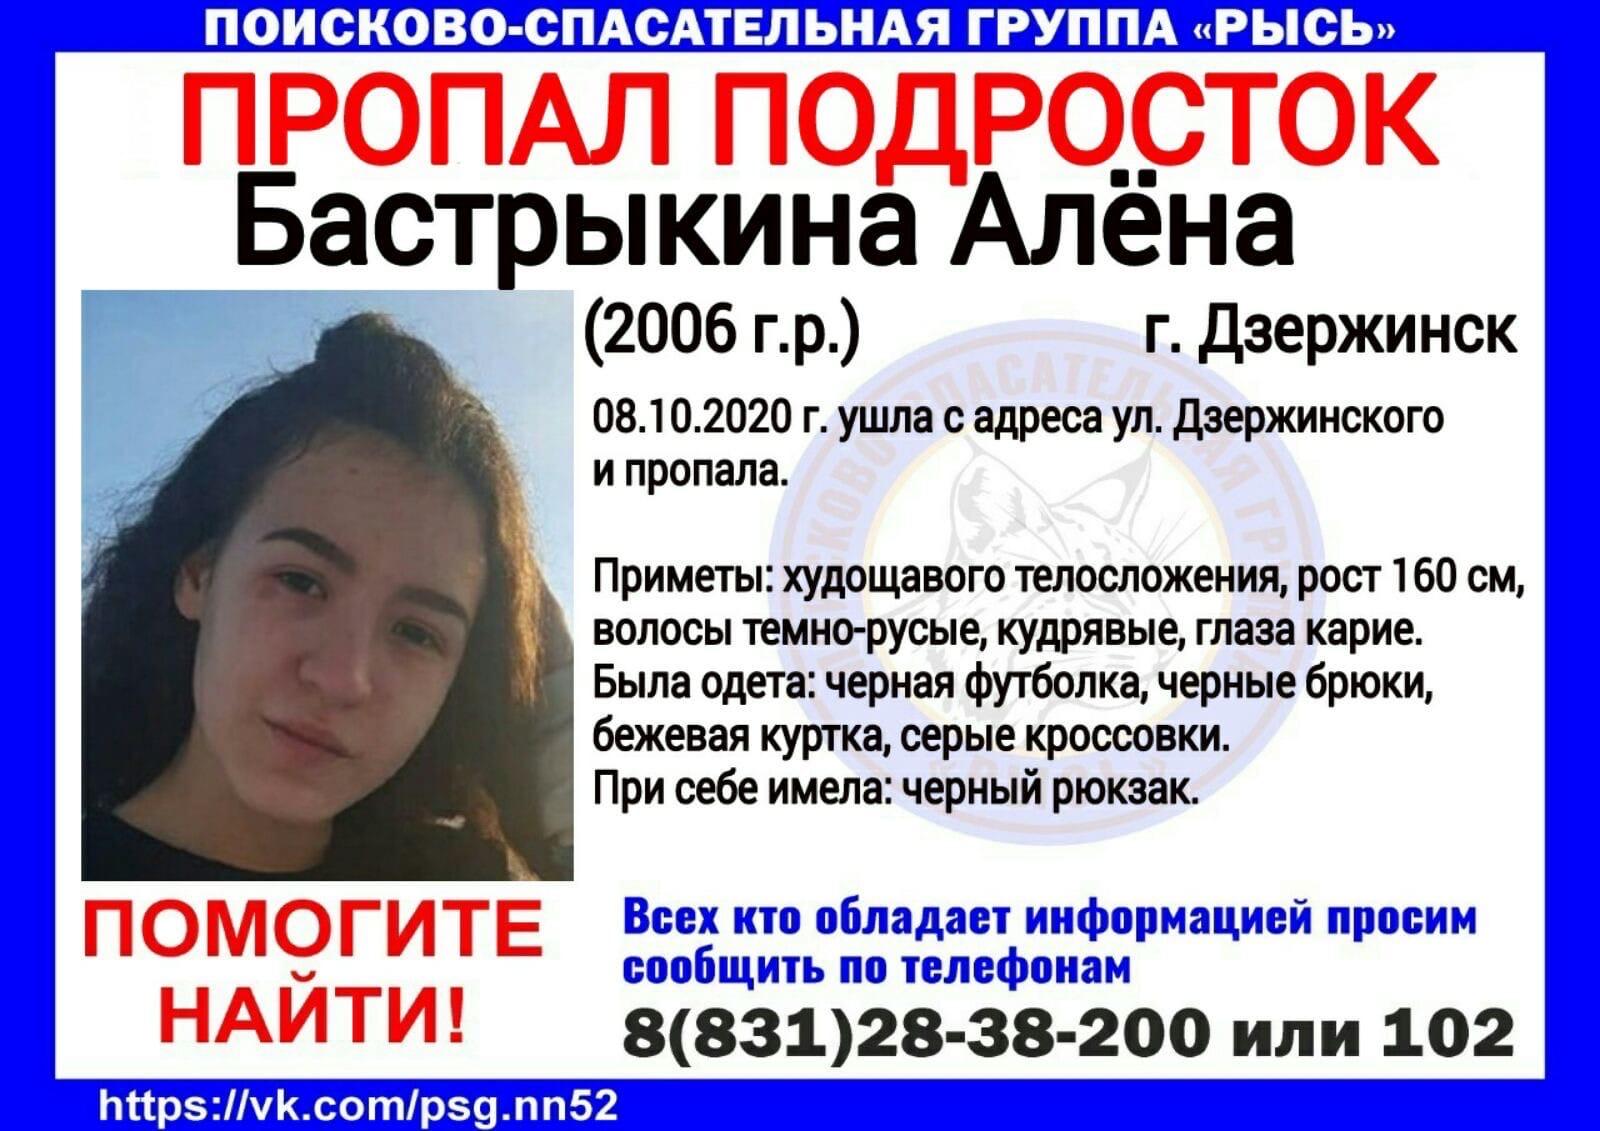 Бастрыкина Алёна, 2006 г.р., г. Дзержинск